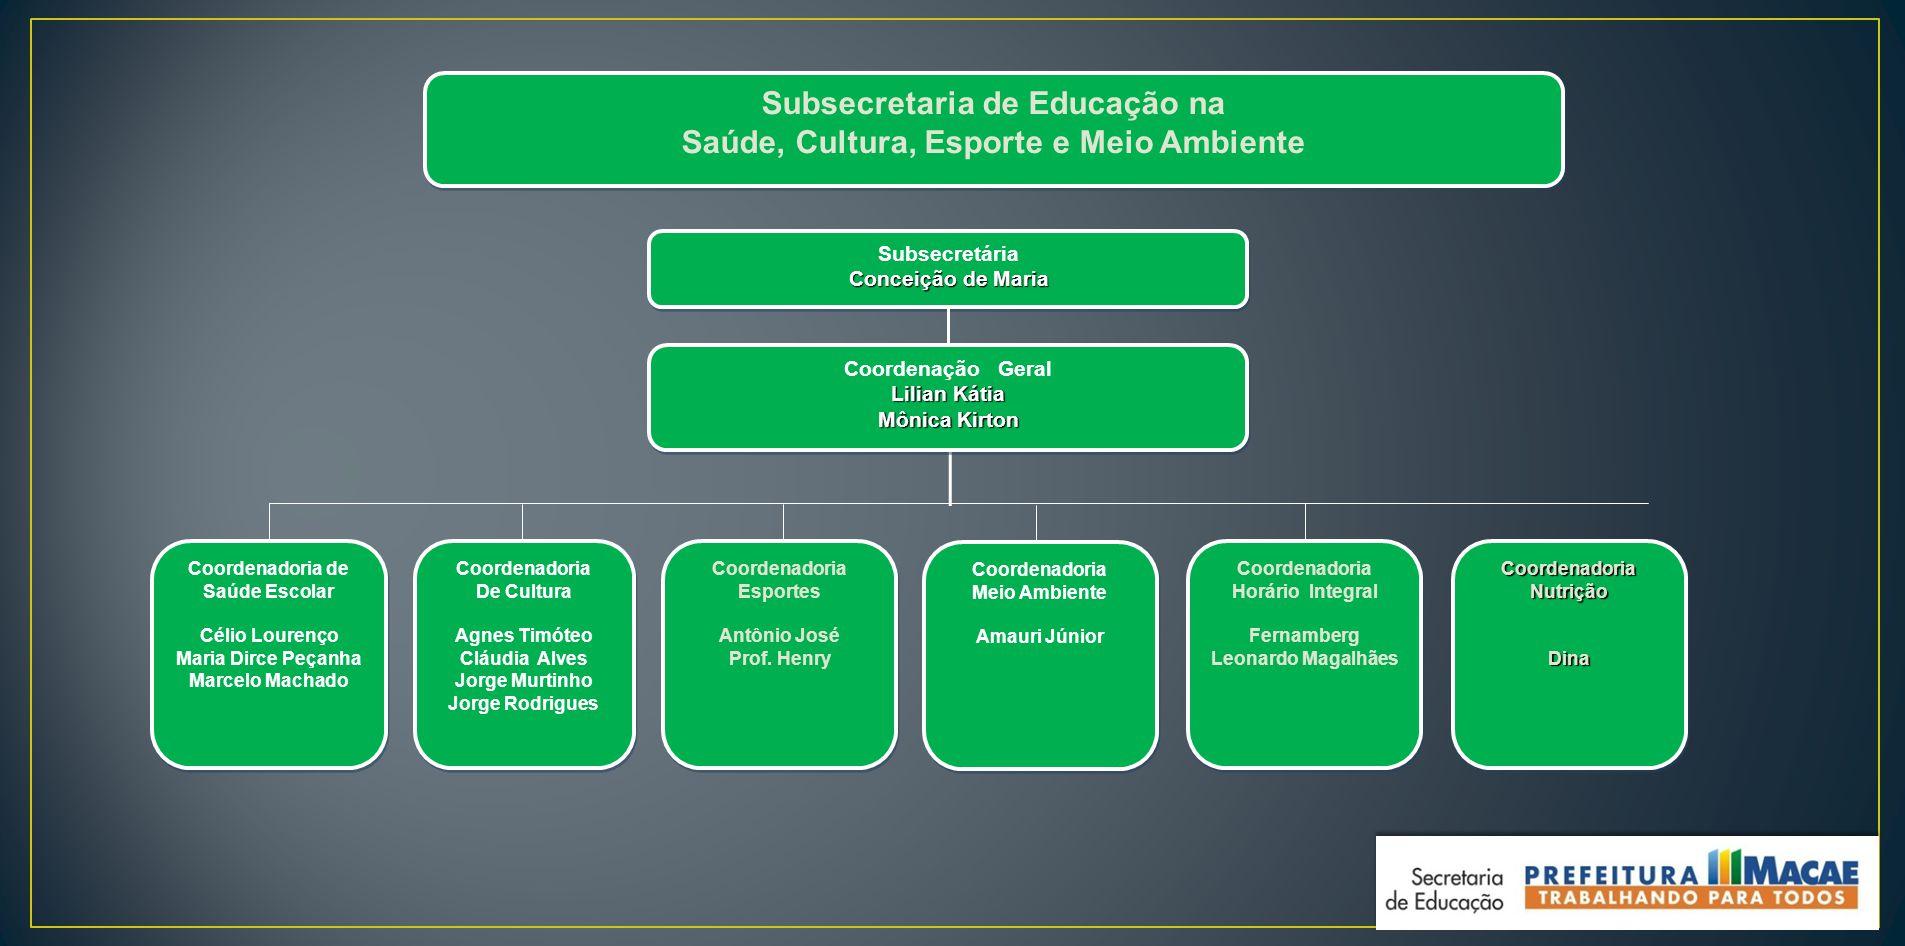 Subsecretaria de Educação na Saúde, Cultura, Esporte e Meio Ambiente Subsecretaria de Educação na Saúde, Cultura, Esporte e Meio Ambiente Coordenadori